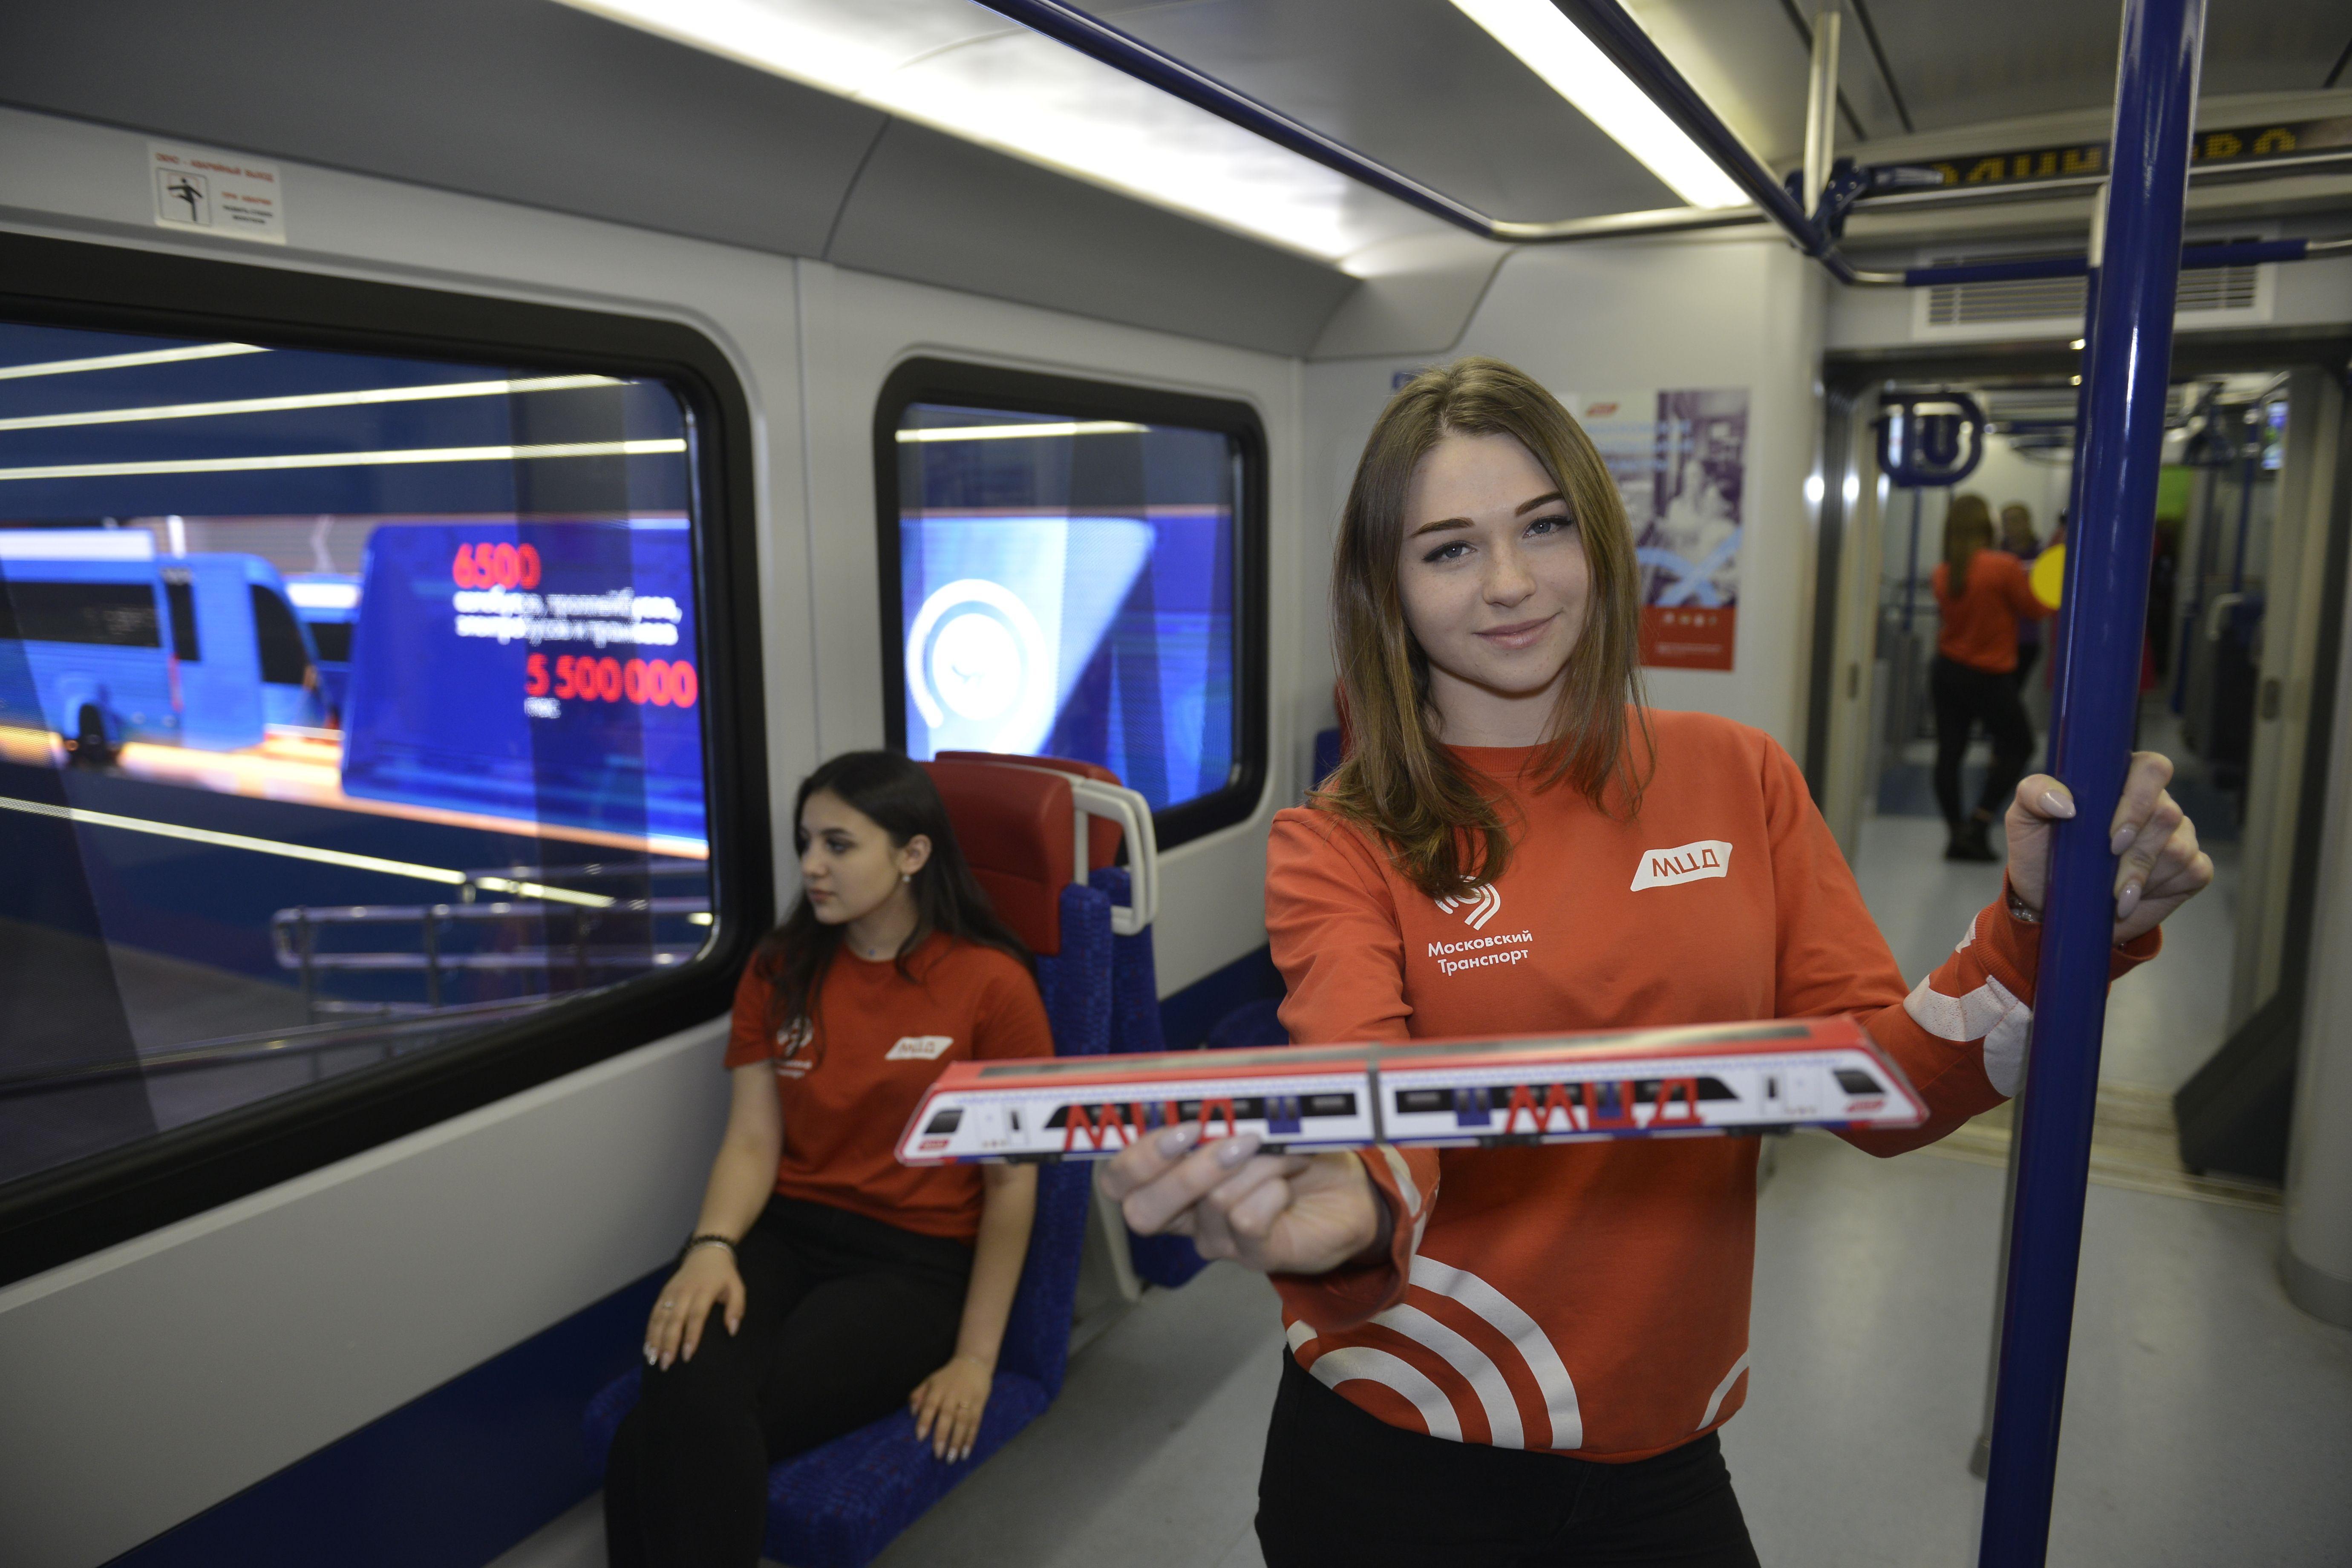 Сайт московского метро позволит узнать стоимость поездки по МЦД